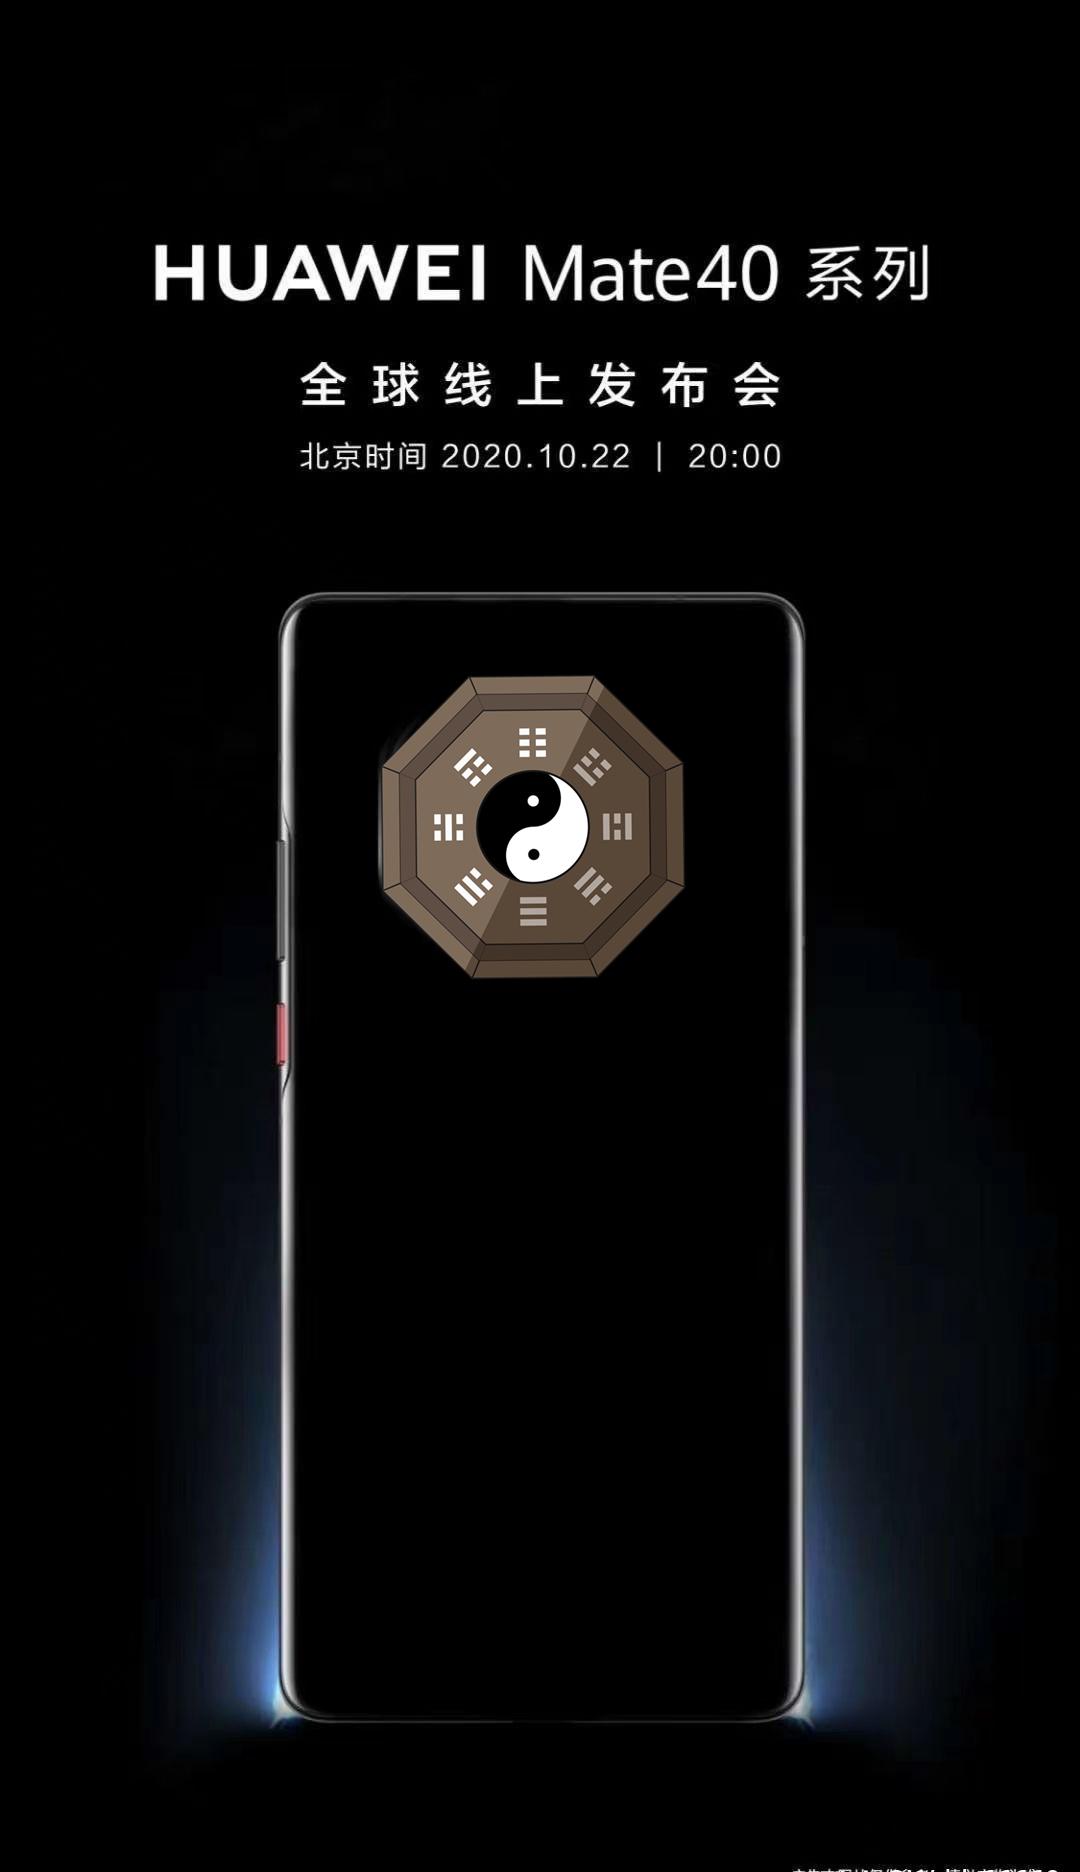 微信图片_20201014104457.jpg